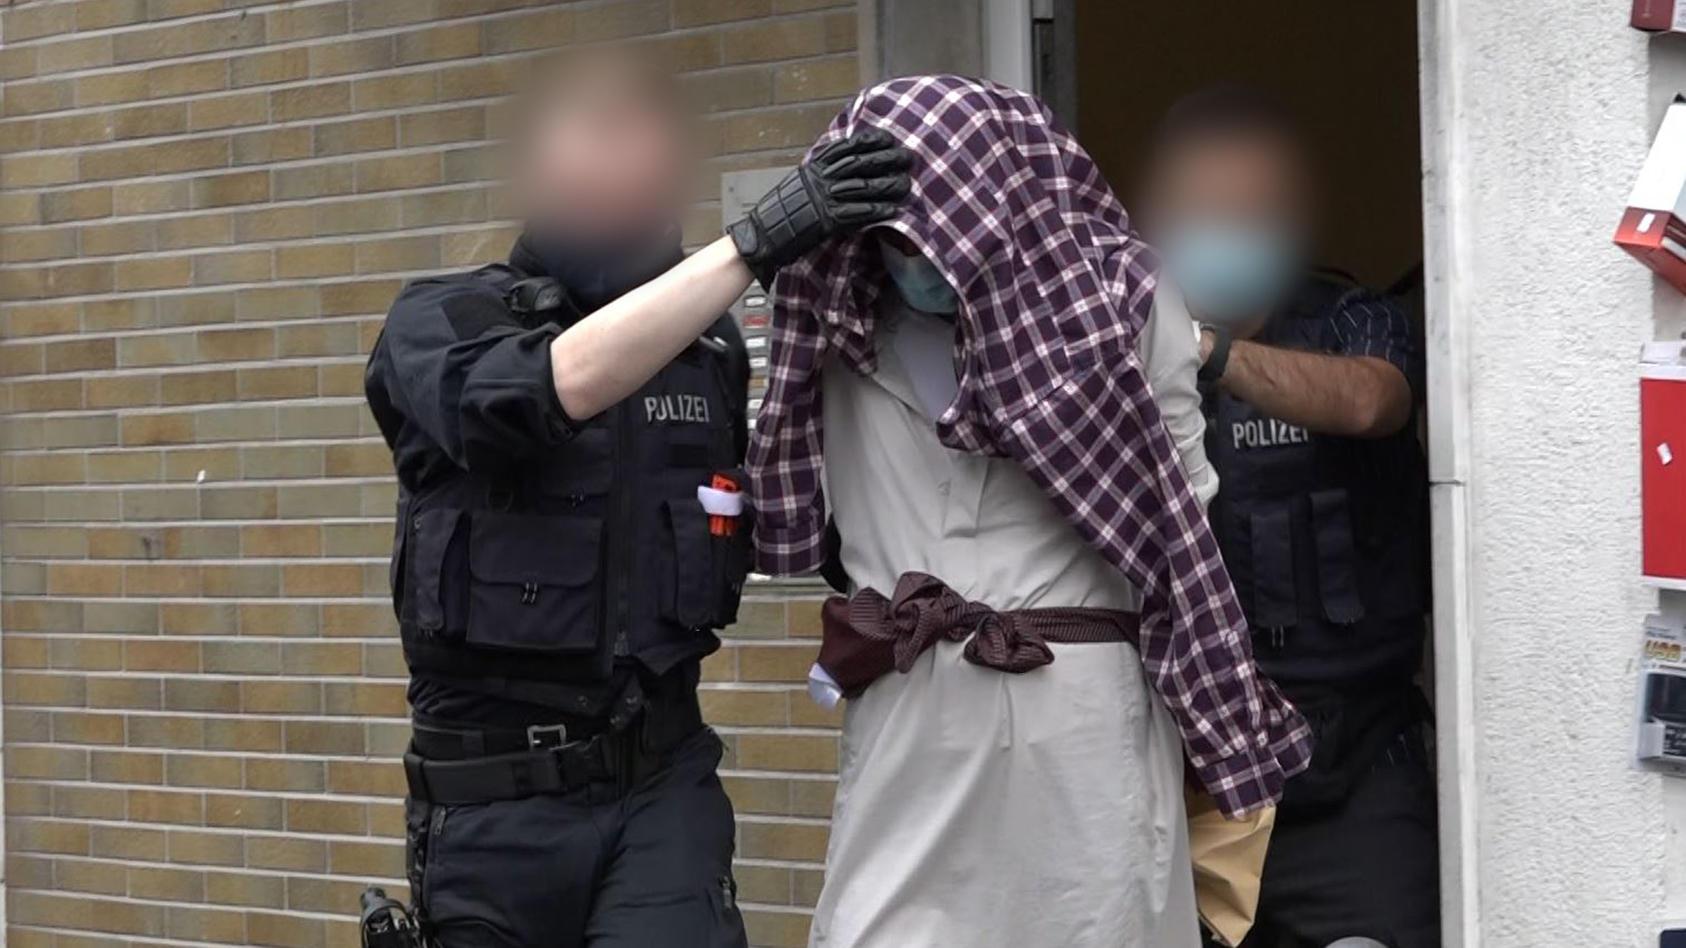 Der wegen mutmaßlicher Anschlagspläne auf die Hagener Synagoge festgenommene Jugendliche wird einem Haftrichter vorgeführt.